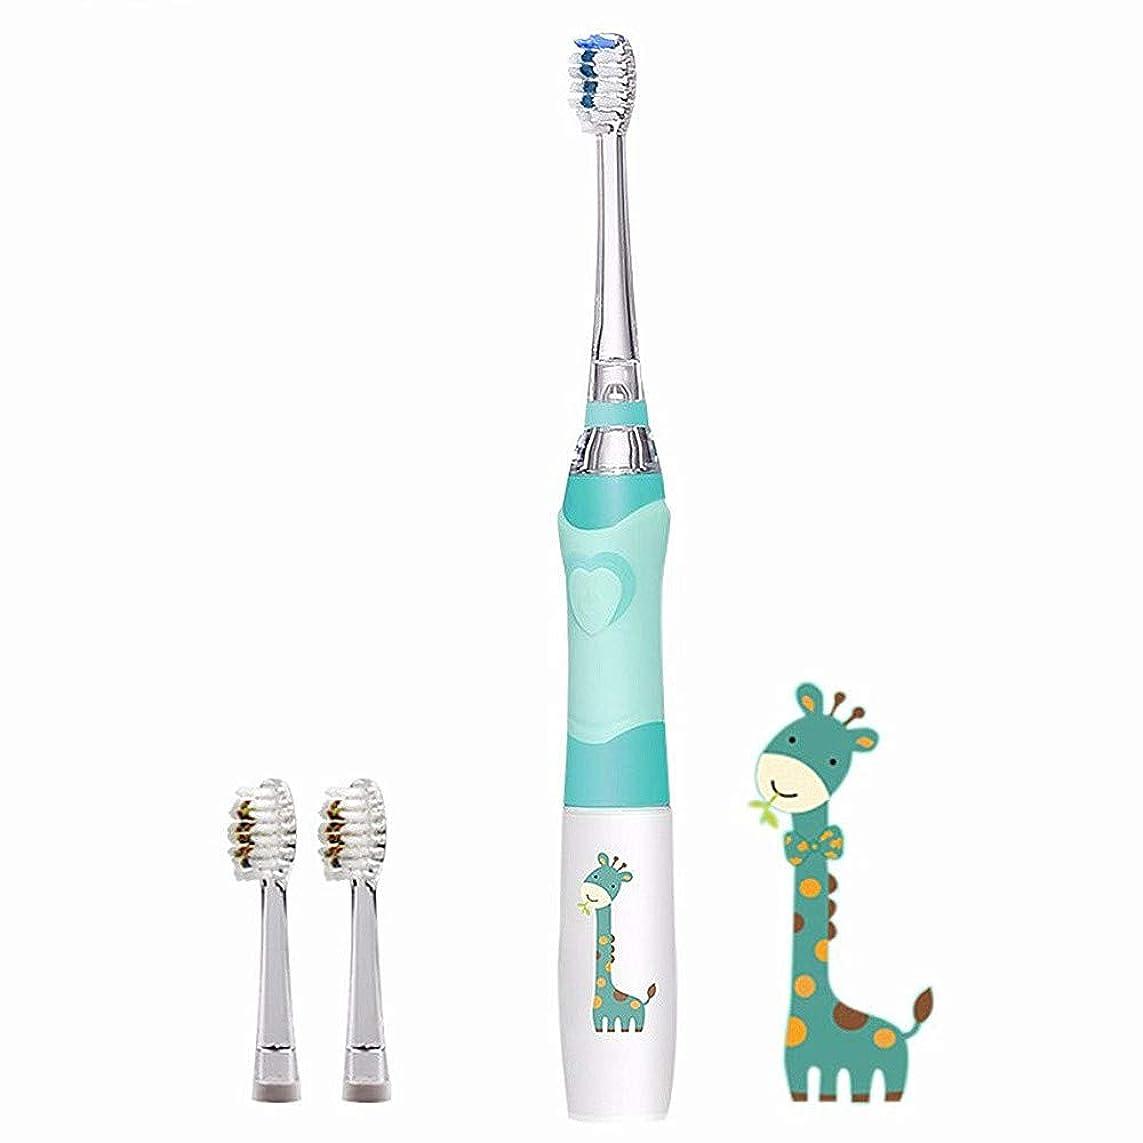 保護議会議会子供の電動歯ブラシ付きタイマー、防水ソフト口腔衛生マッサージ歯のケア、男の子と女の子,Blue